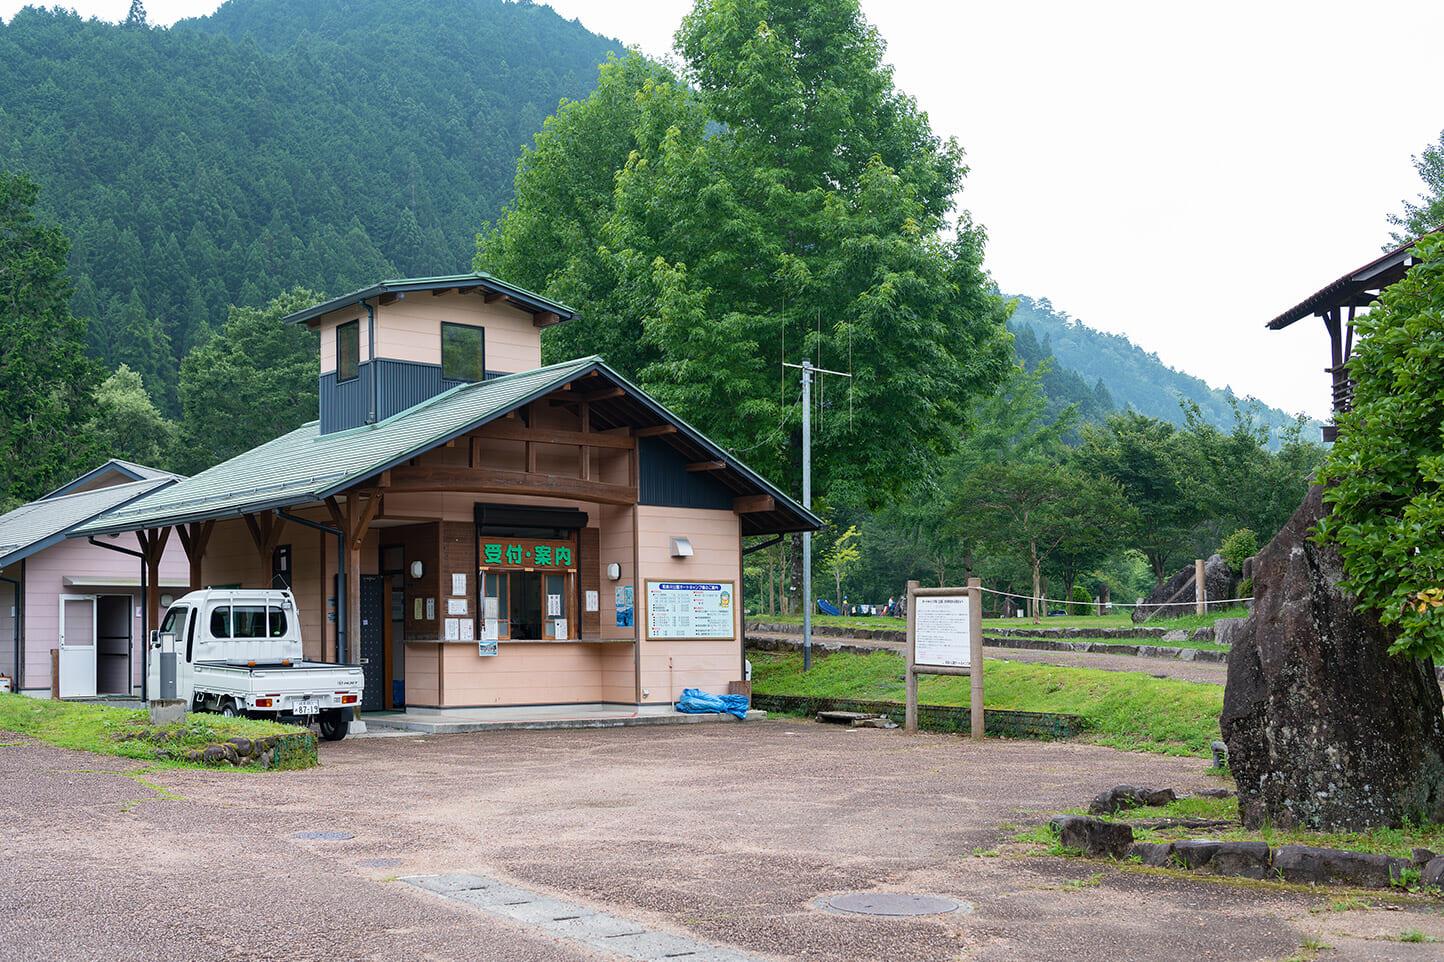 和良川公園オートキャンプ場 スライダー画像1